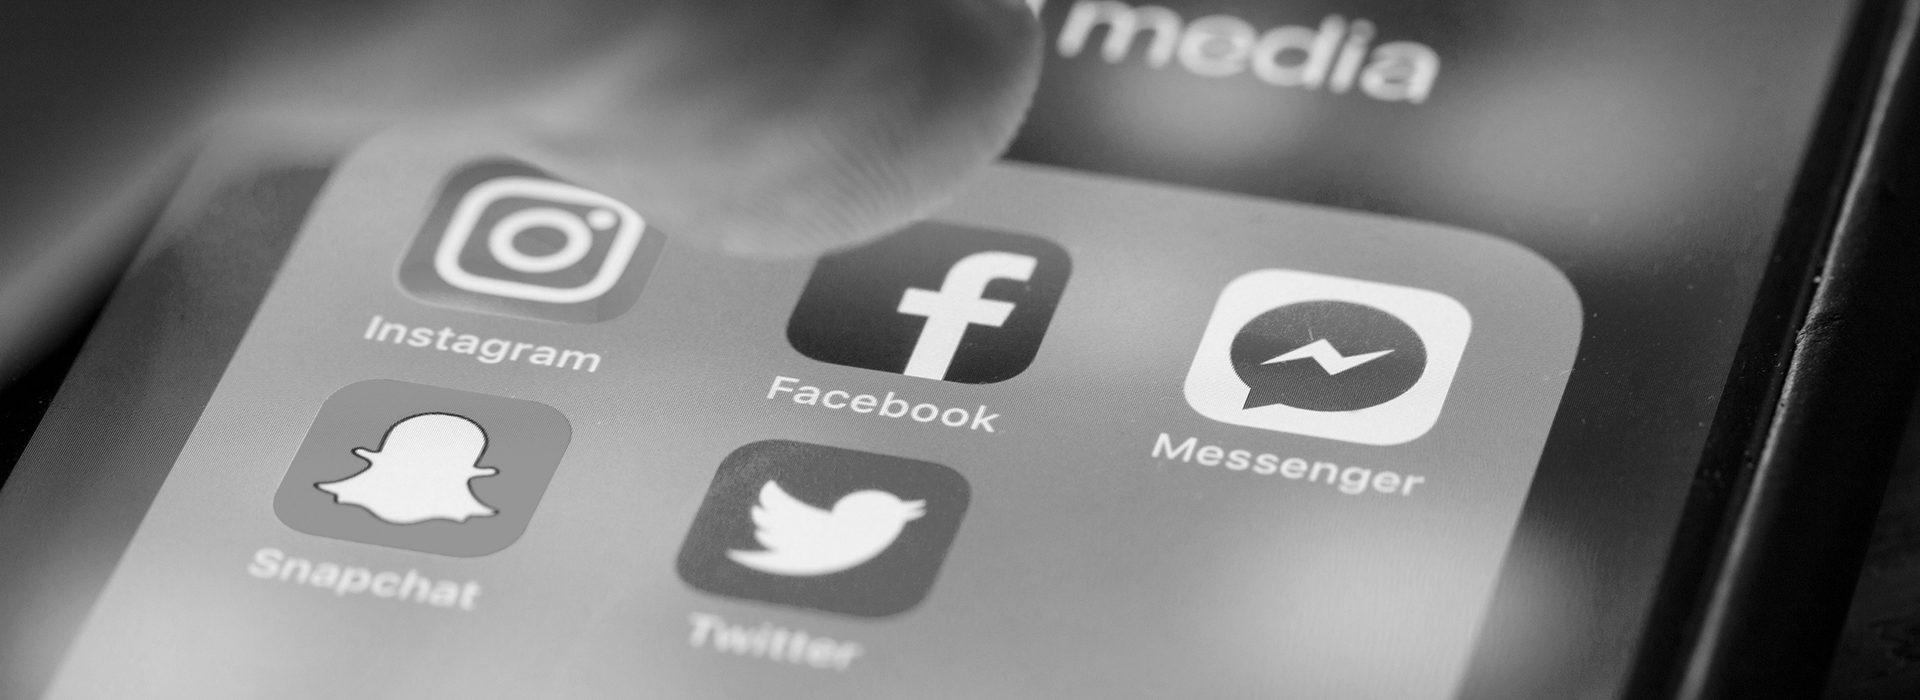 Digital Marketing social media image